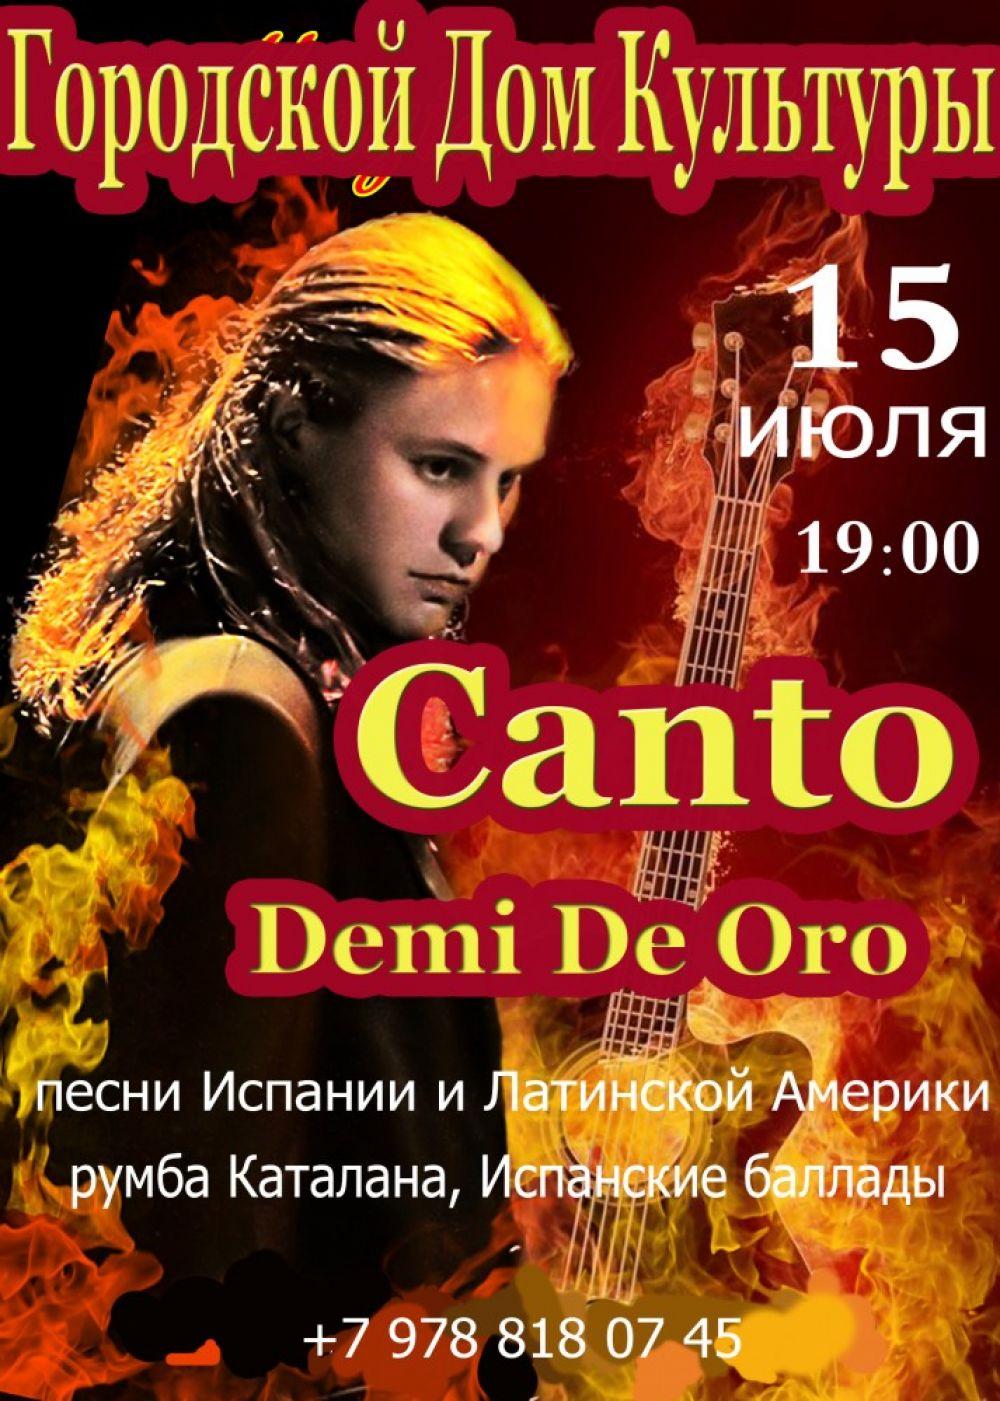 Впервые в Феодосии — концерт испанской музыки и песен!